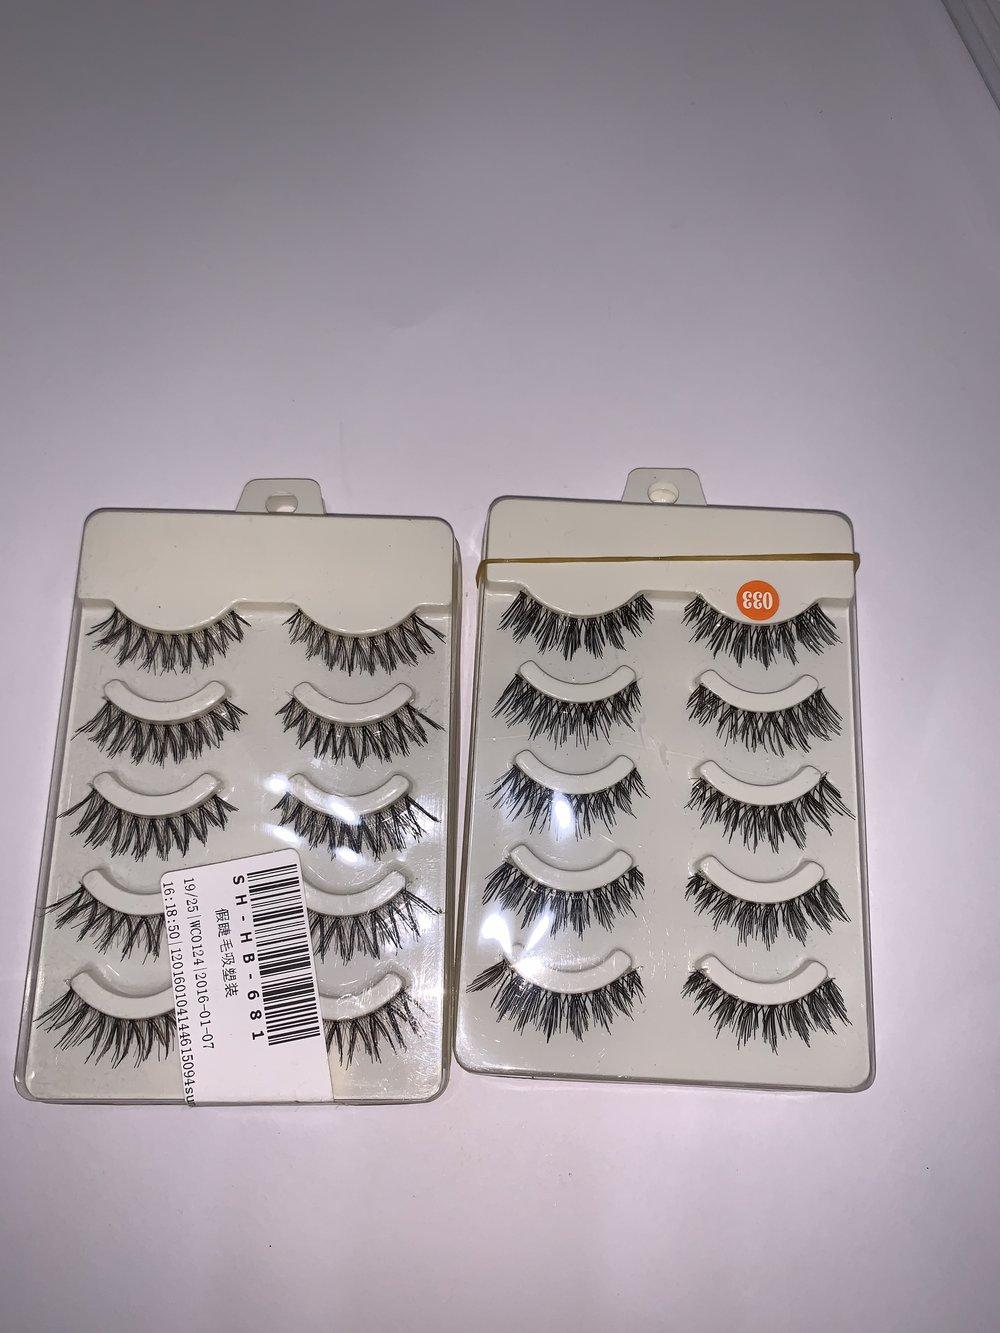 Bulk wispy lashes-packs-$5